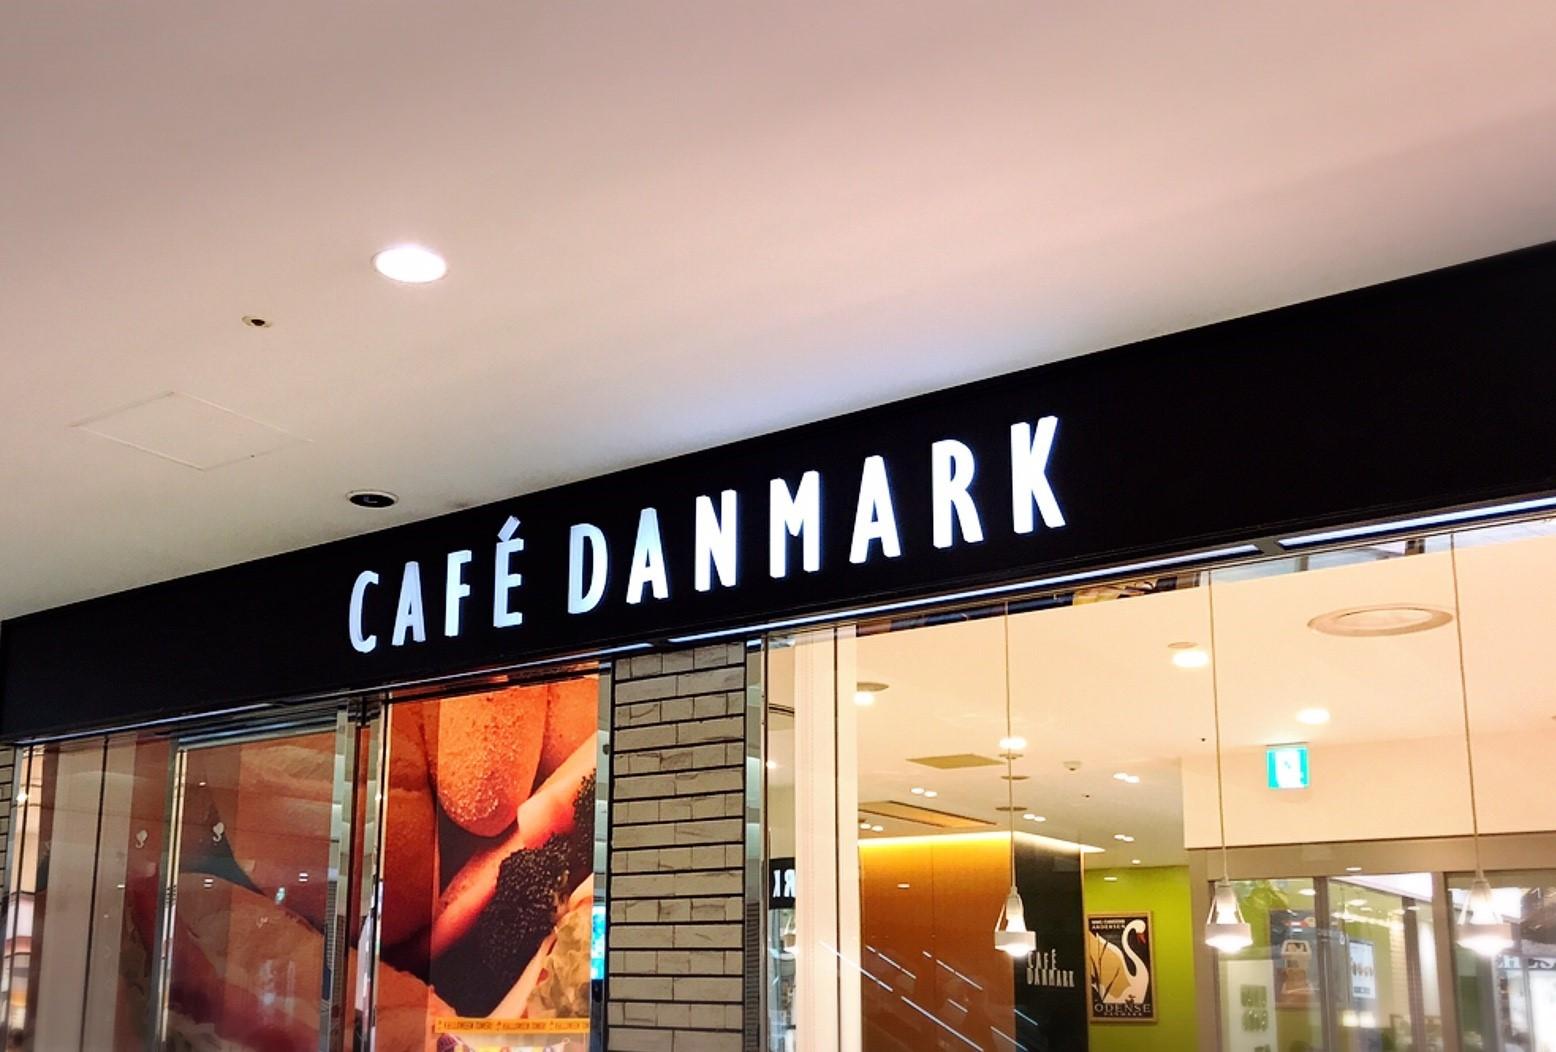 CAFE DANMARK/札幌市 中央区_c0378174_11594771.jpg